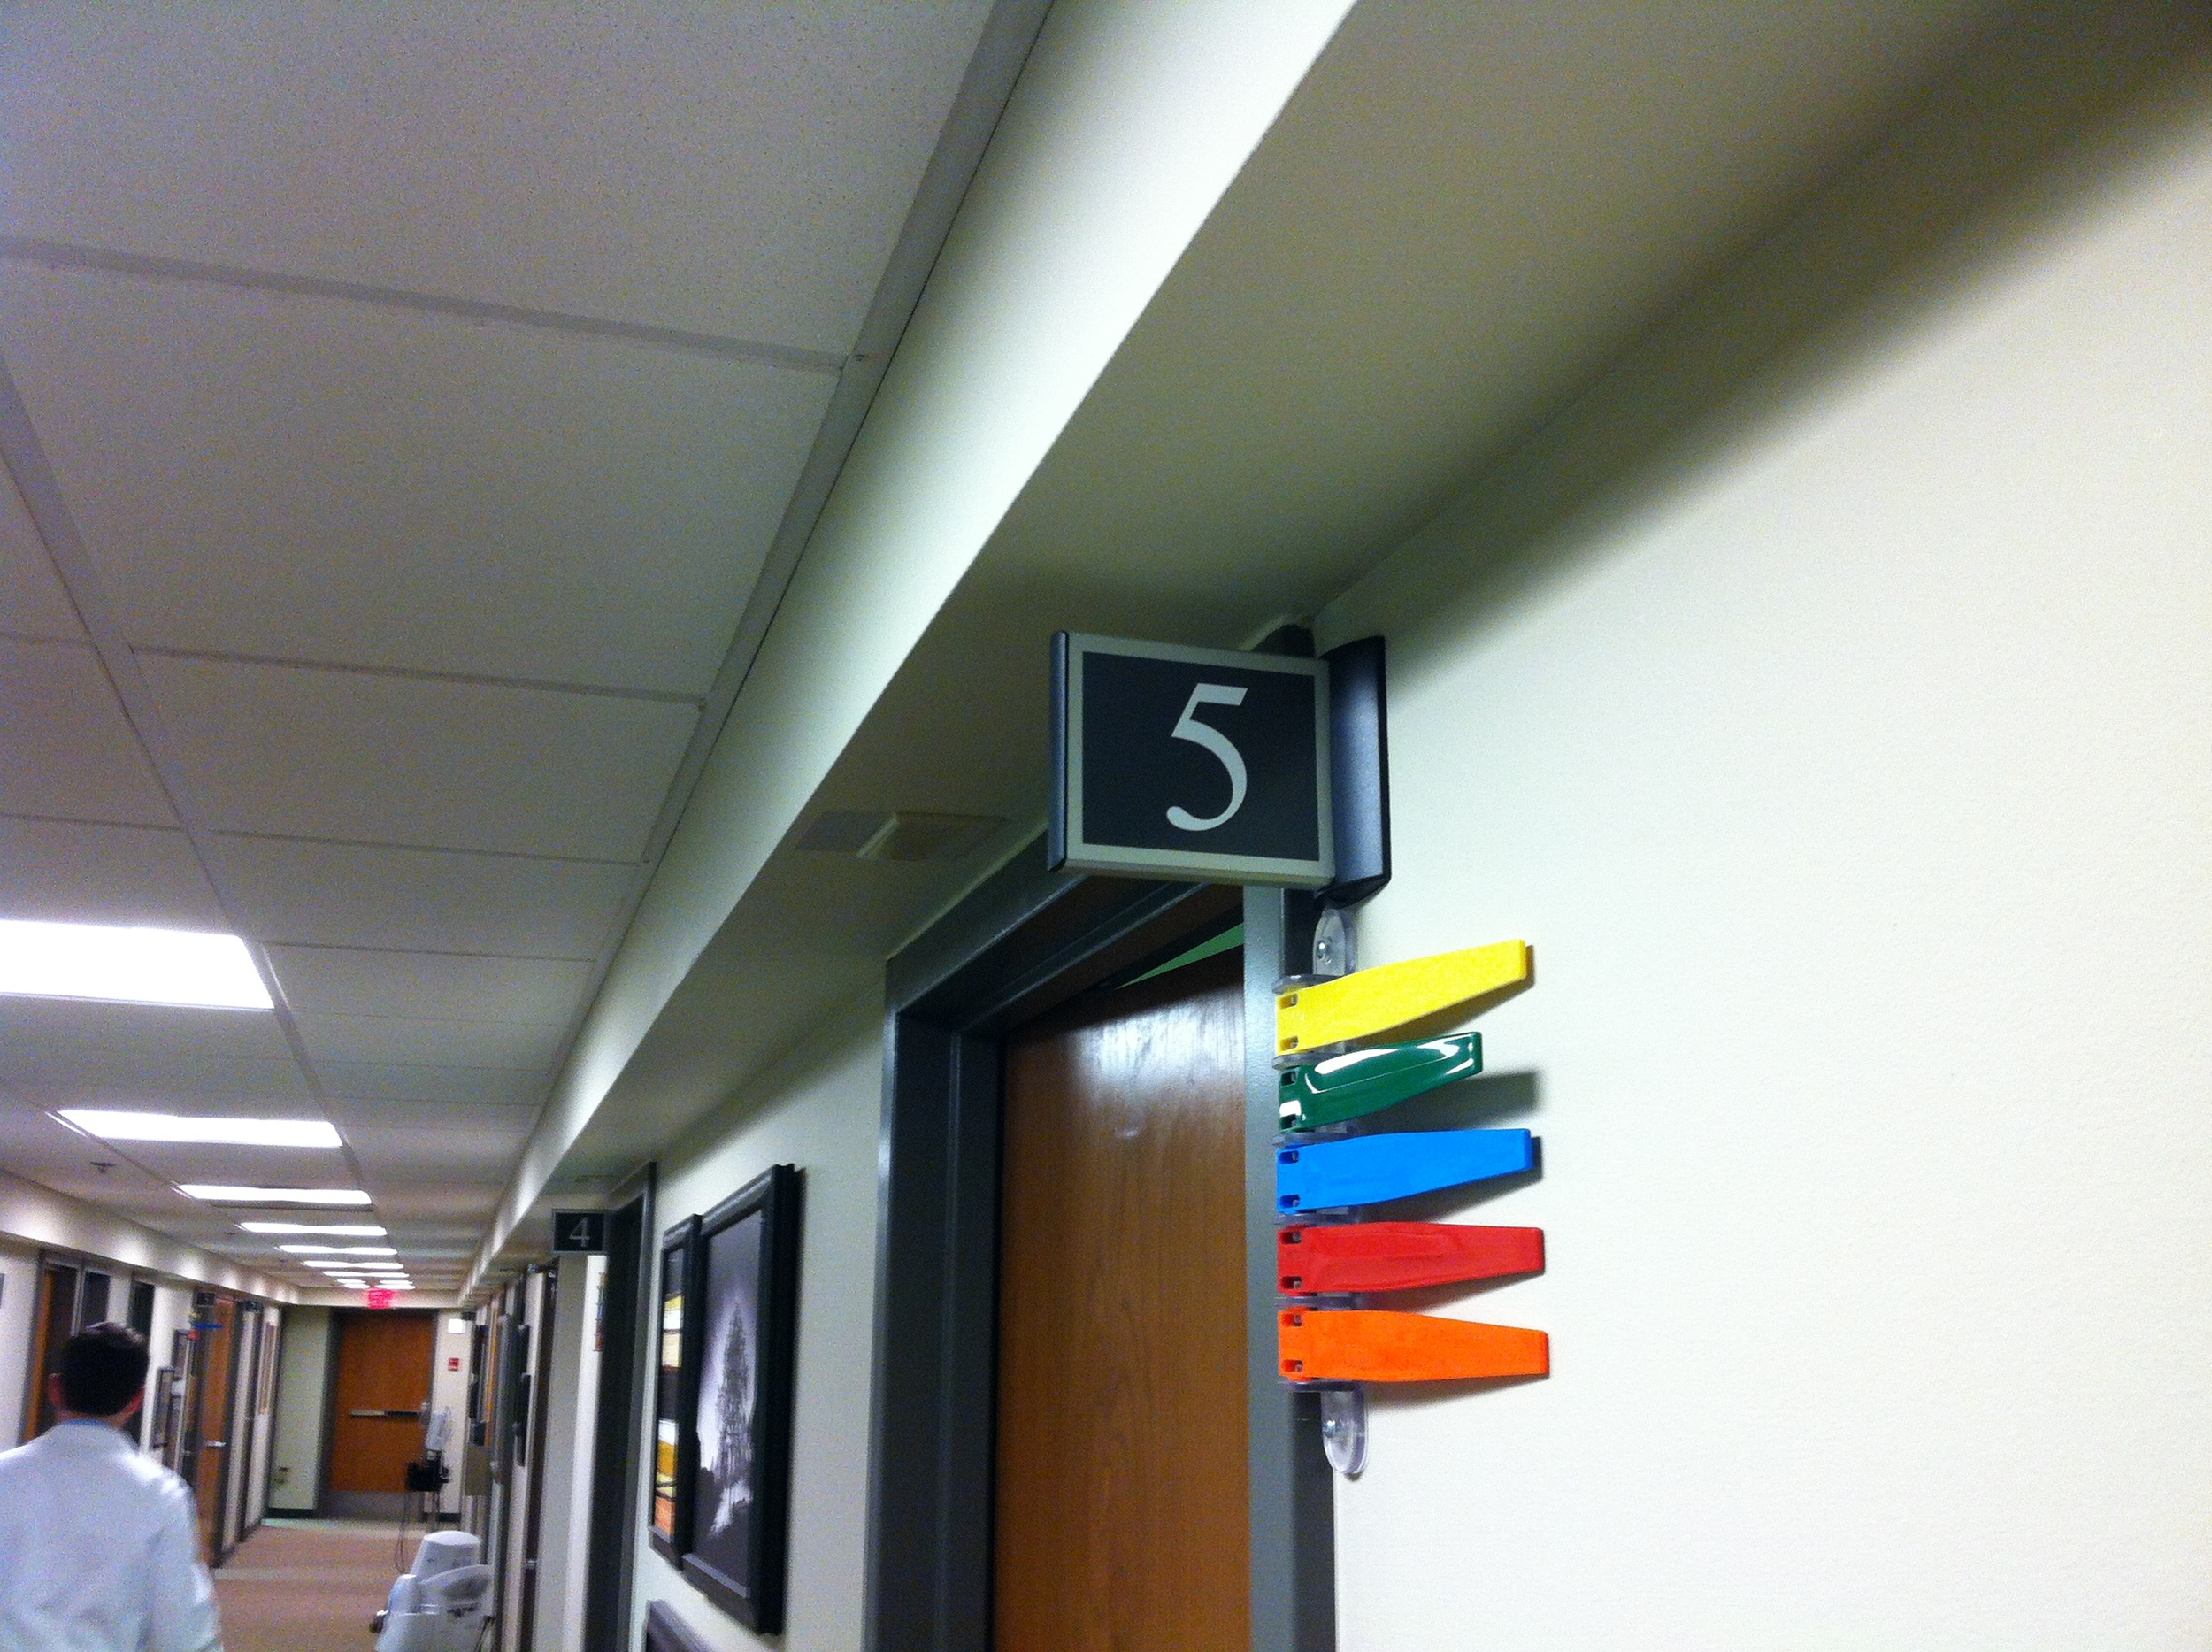 Springer Exam Room Sign.JPG